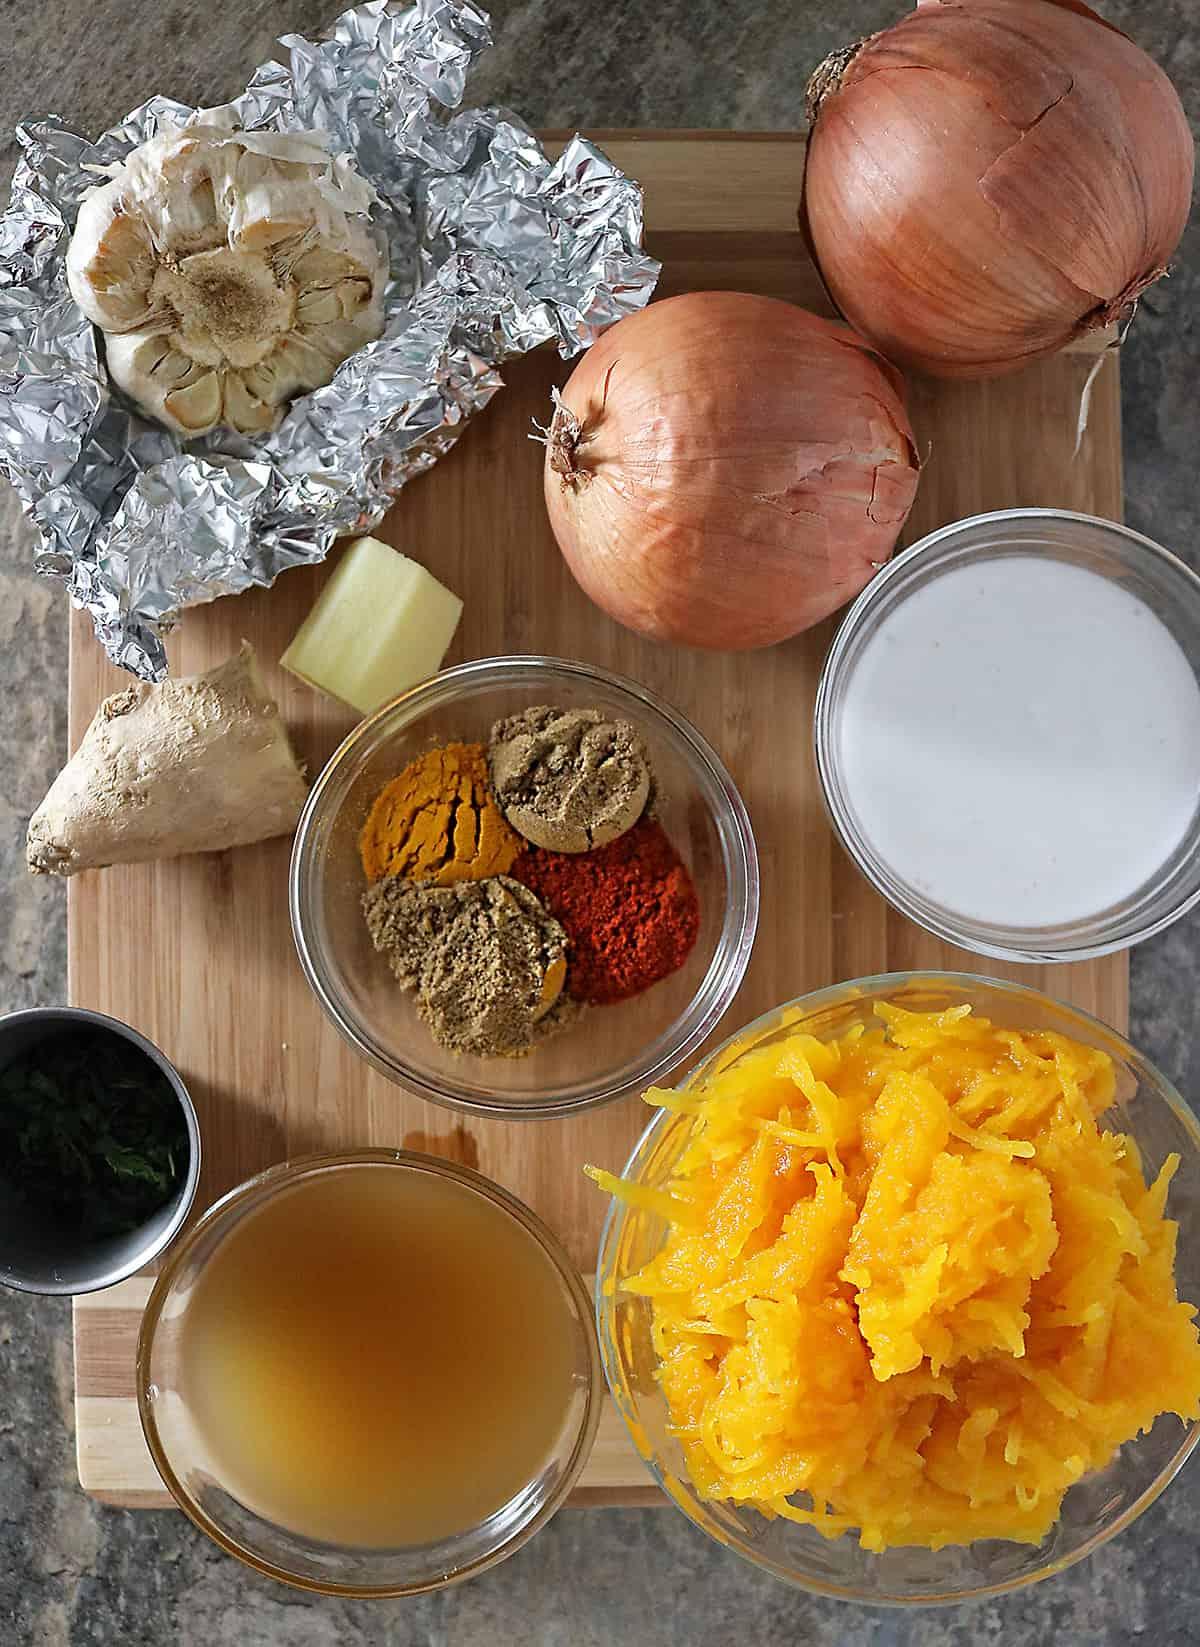 Ingredients To Make Pumpkin Garlic Soup Photo